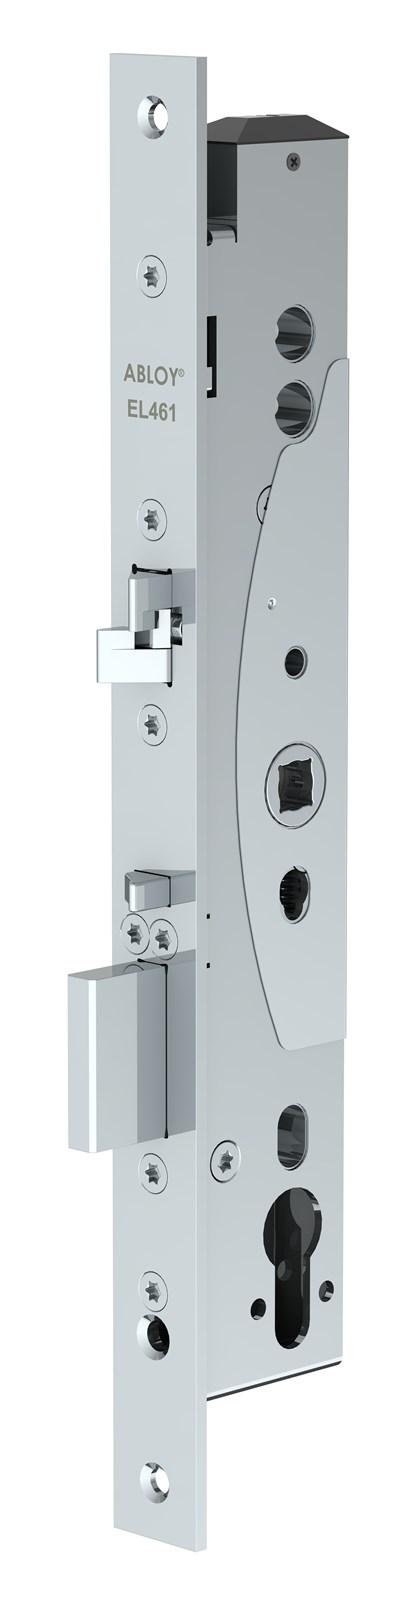 Lock case EL461